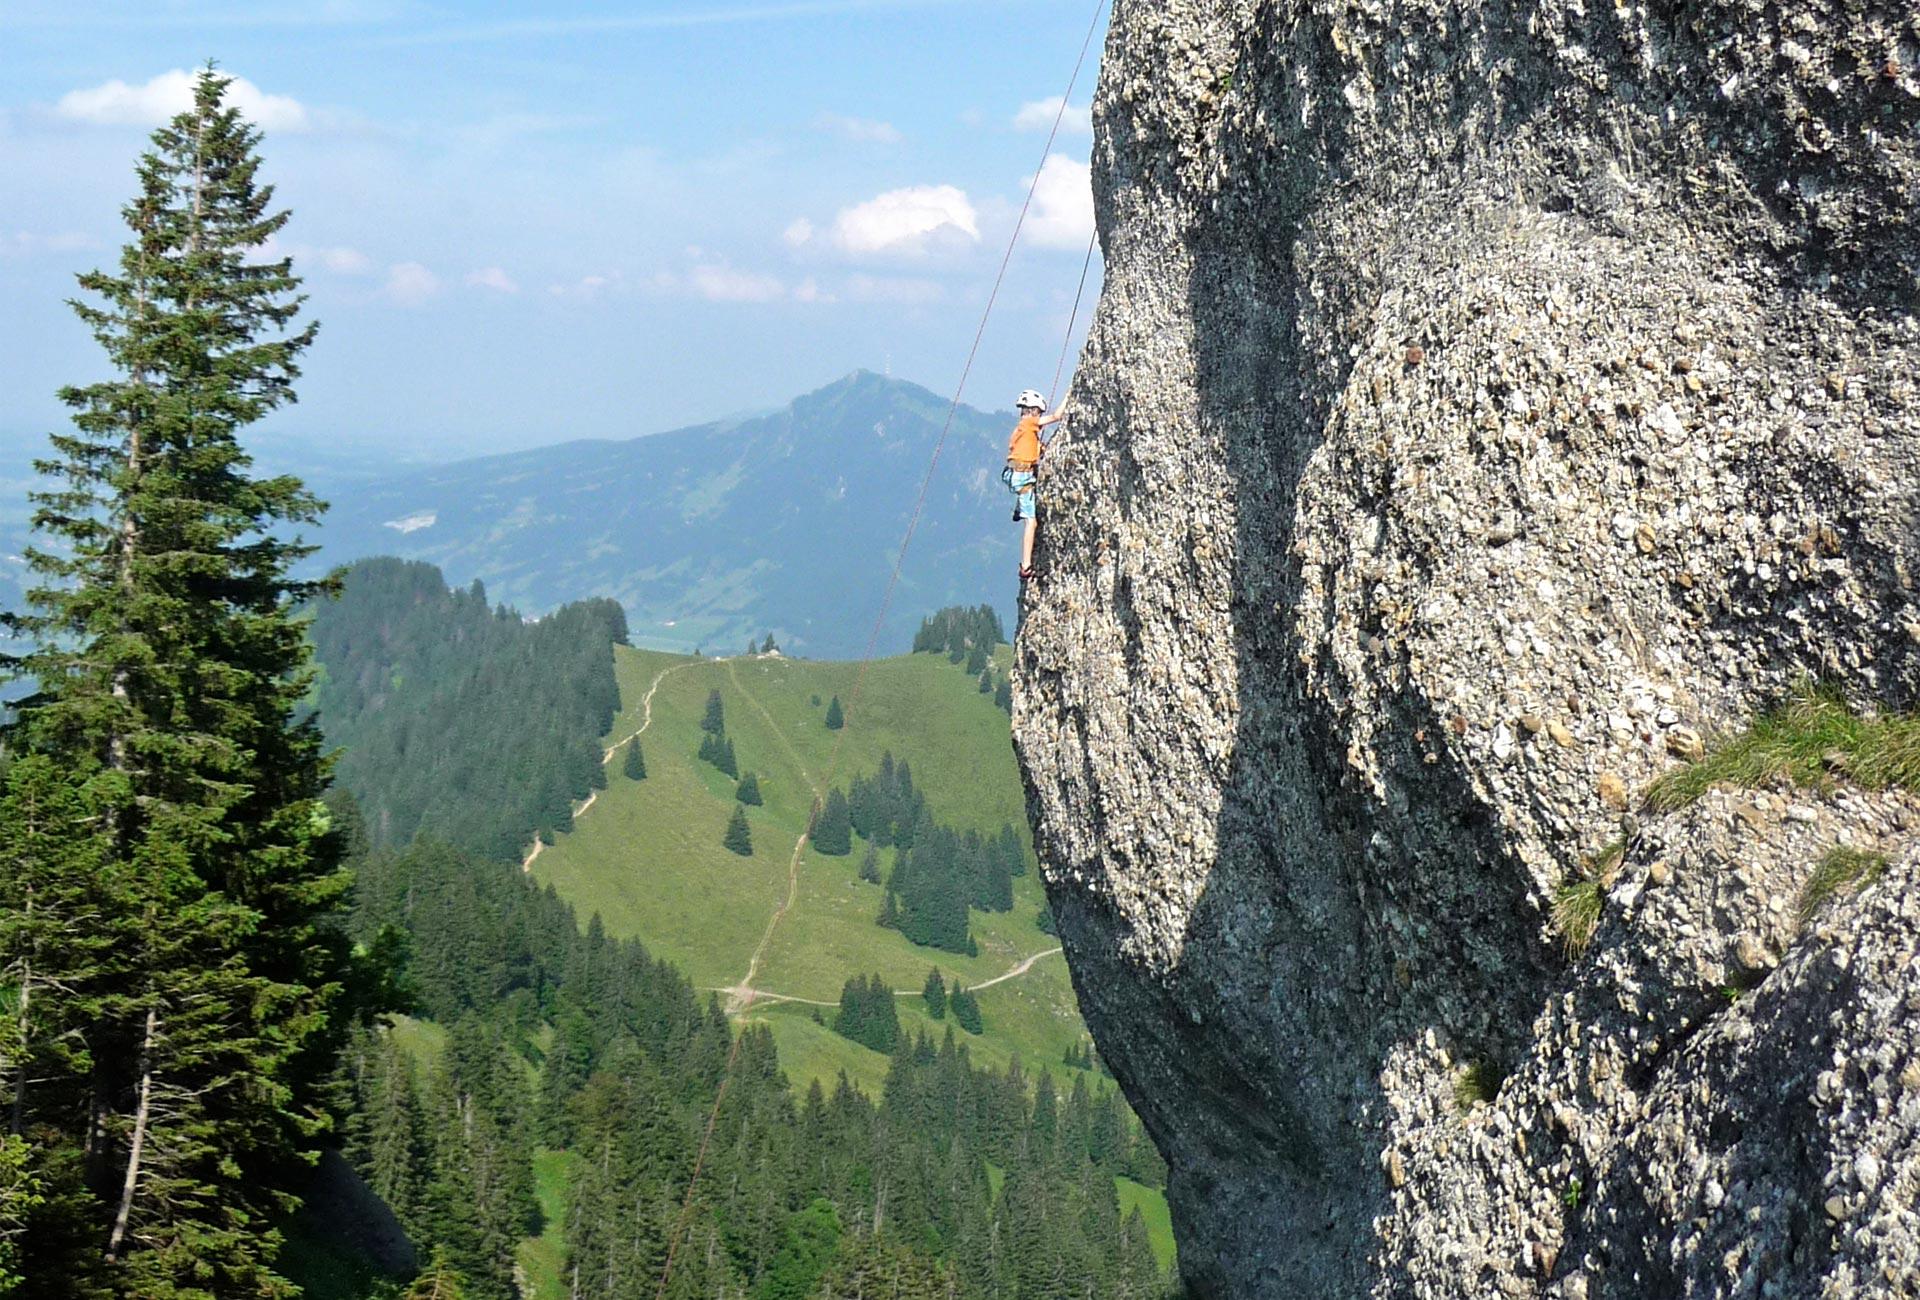 Klettersteig Immenstadt : Klettern mittagbahn immenstadt doppelsessellift tiefschnee